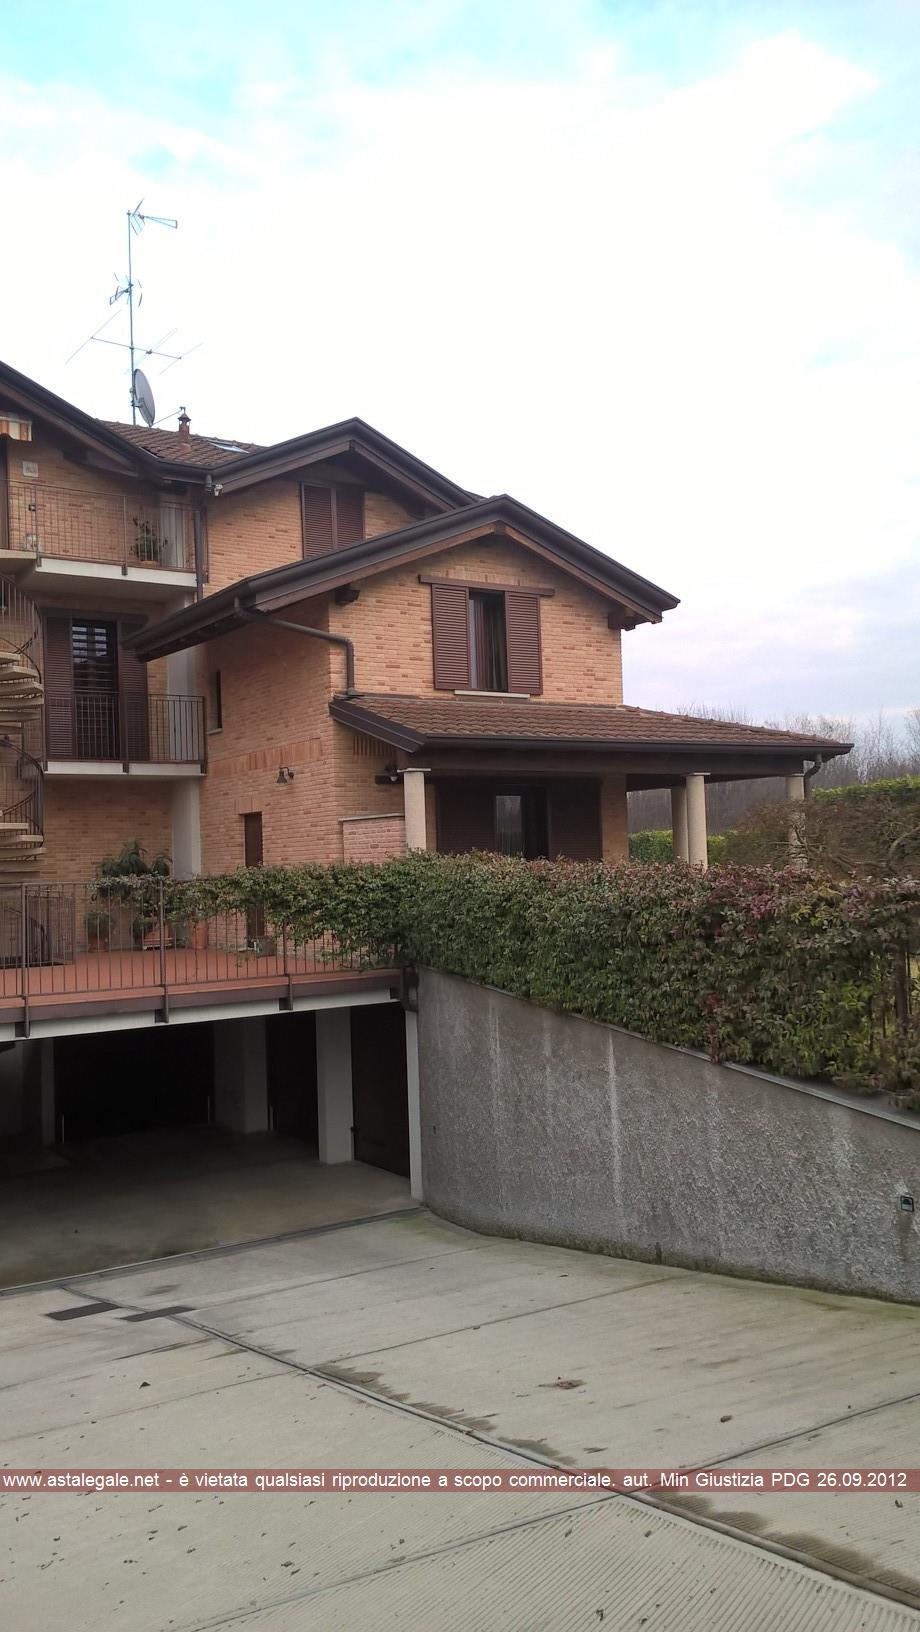 Seveso (MB) Frazione Altopiano di Seveso - Via San Matteo 33